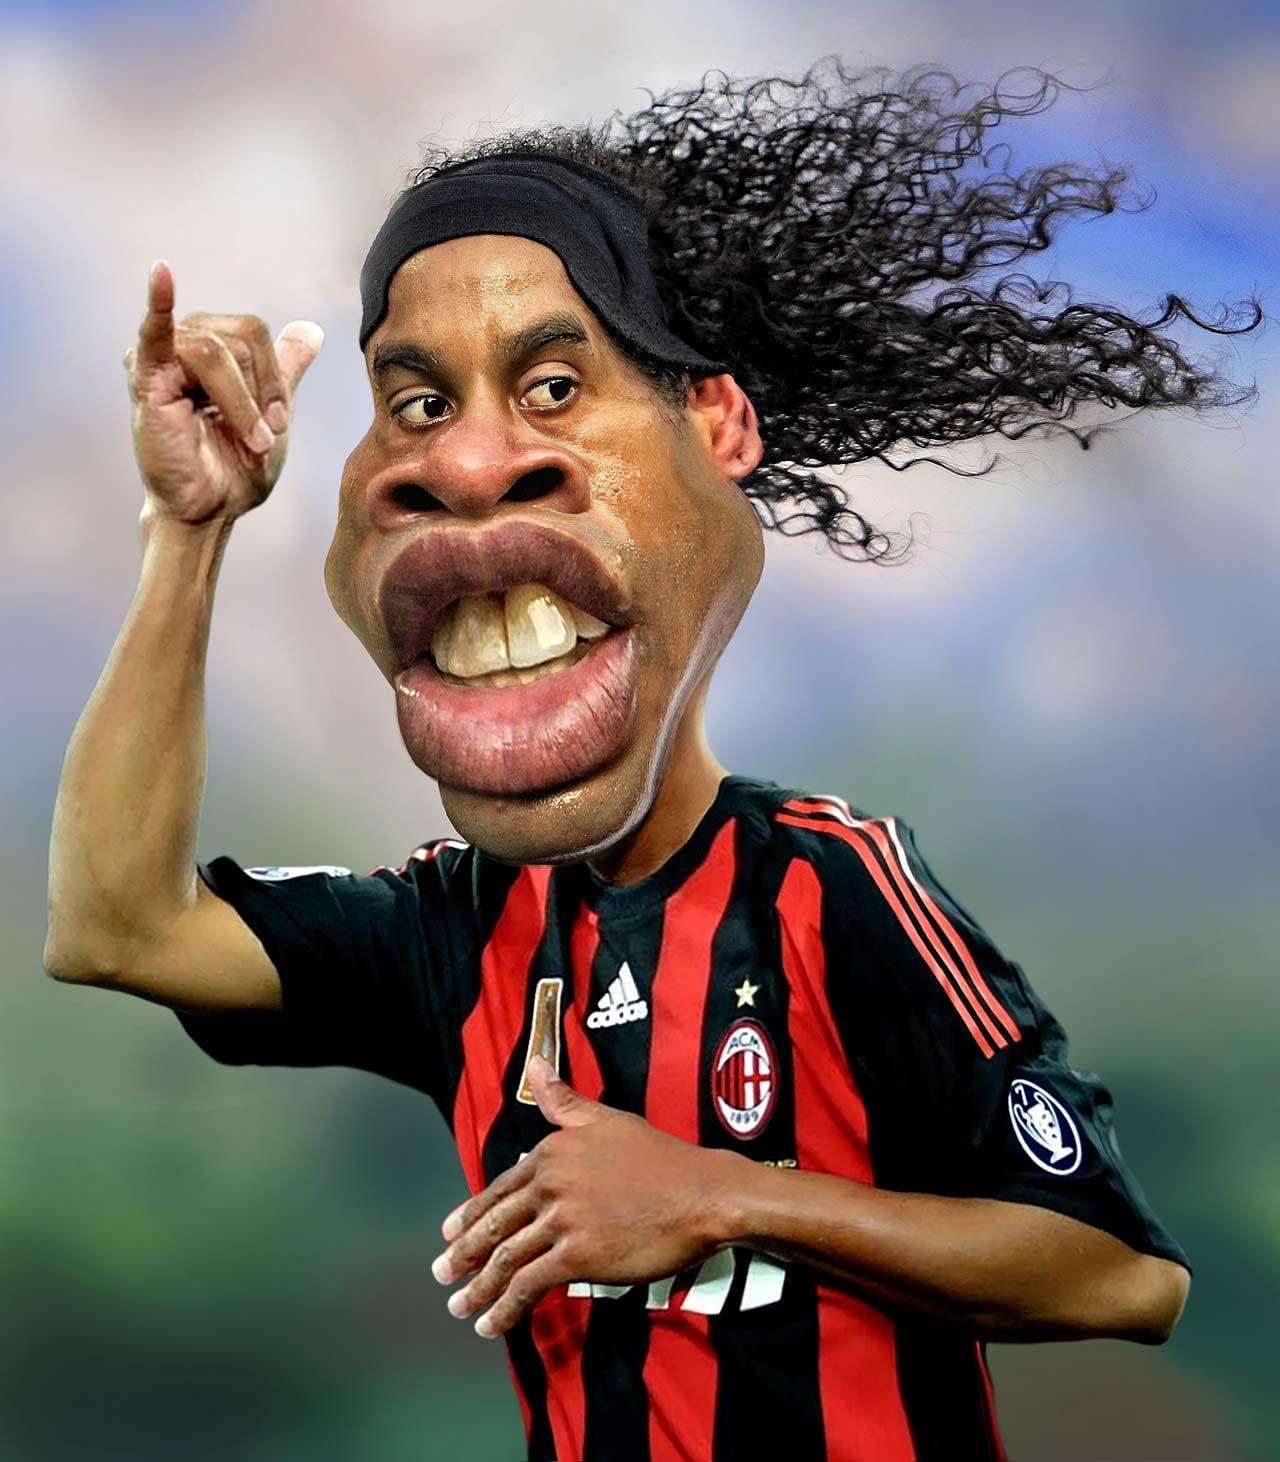 Biography of Ronaldinho